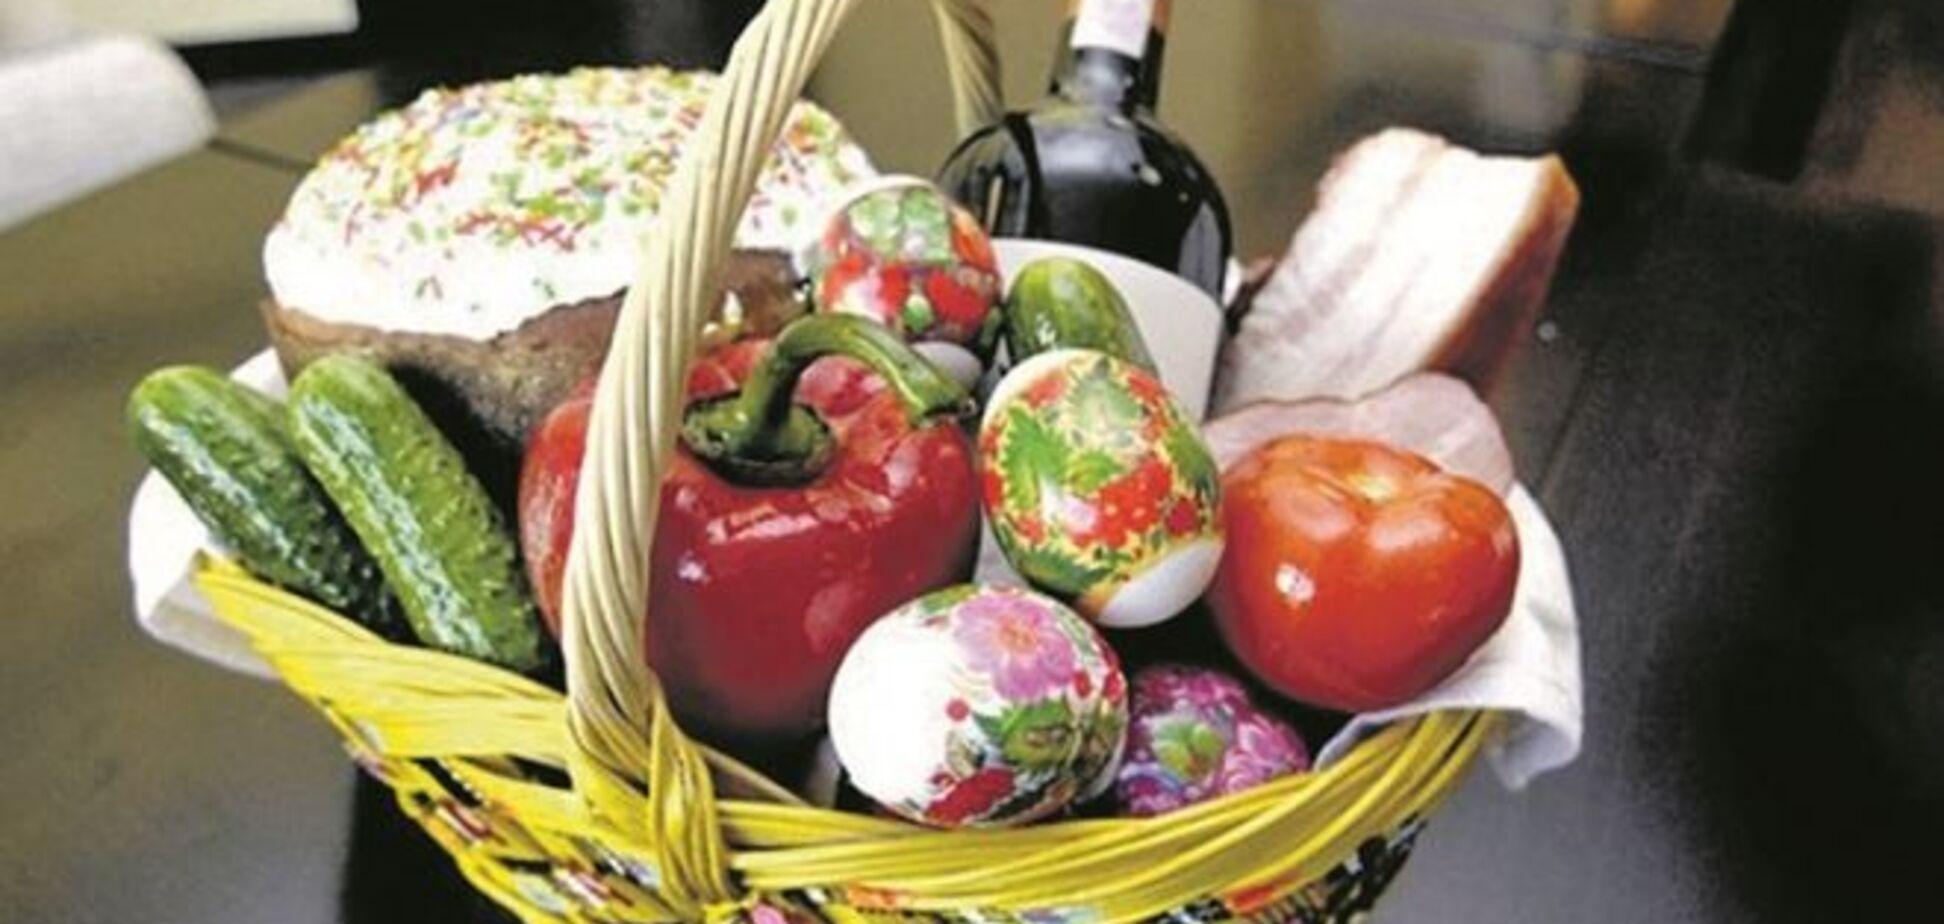 Пасхальная корзина: названы продукты, которые нельзя святить в церкви